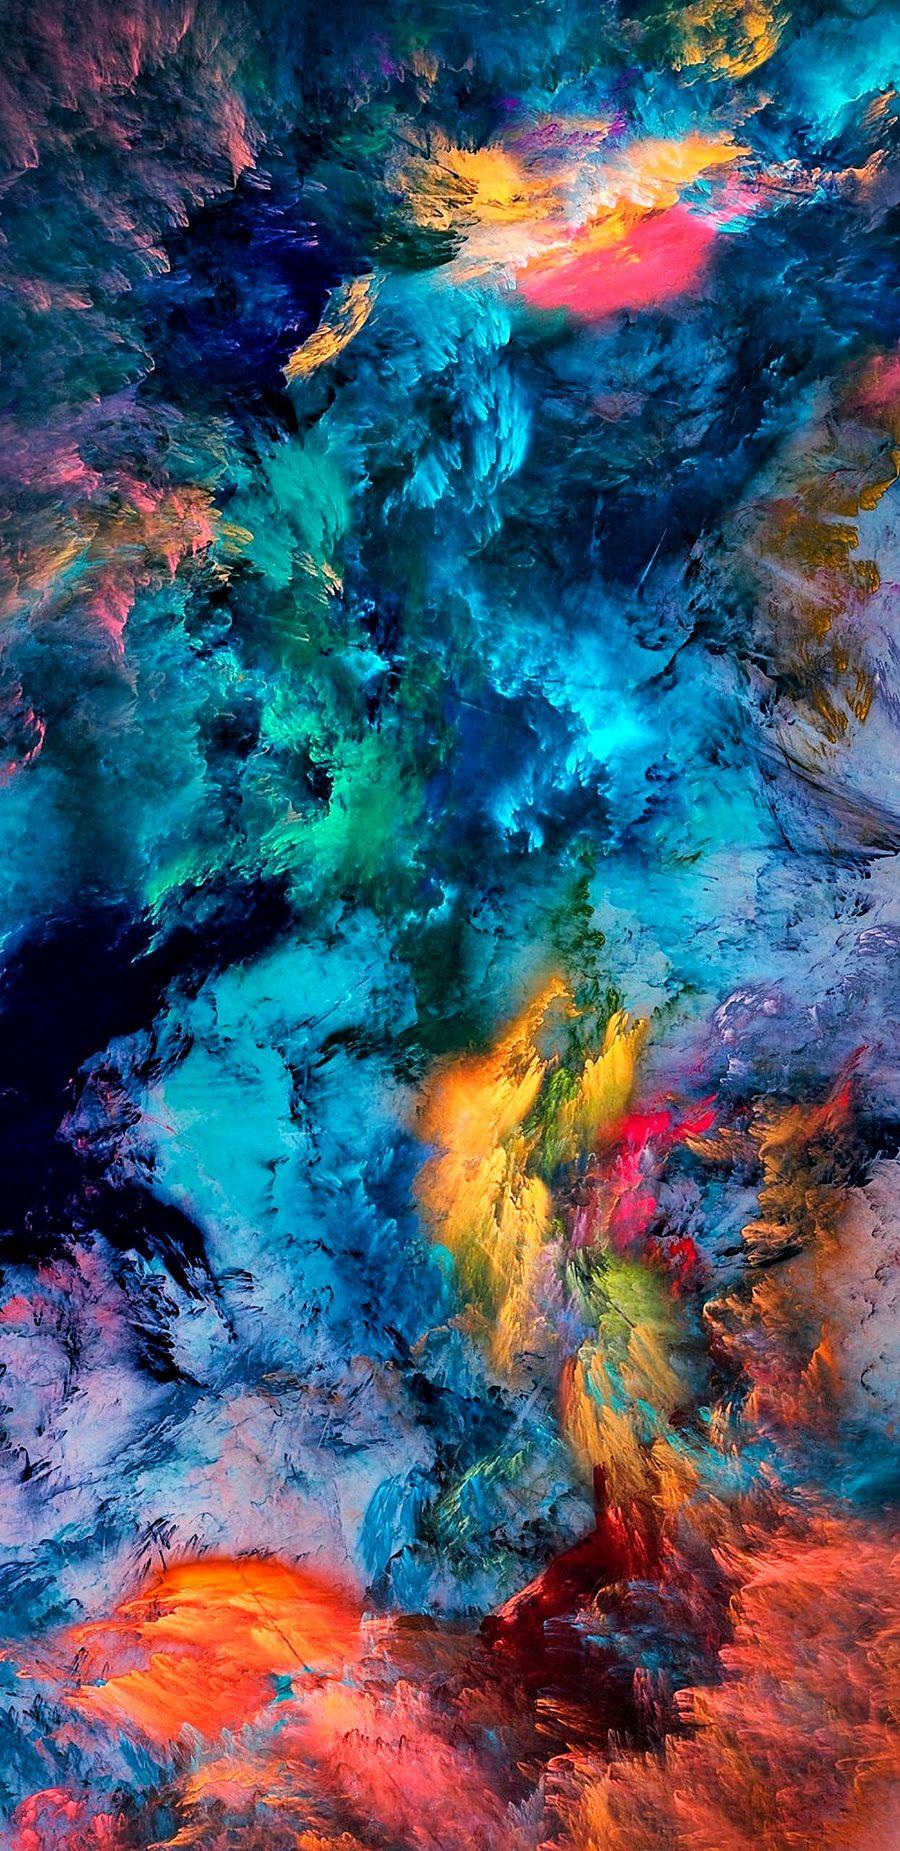 Обои на телефон шторм, цветные, случайные, радуга, небо, море, микс, космос, beyond crayola